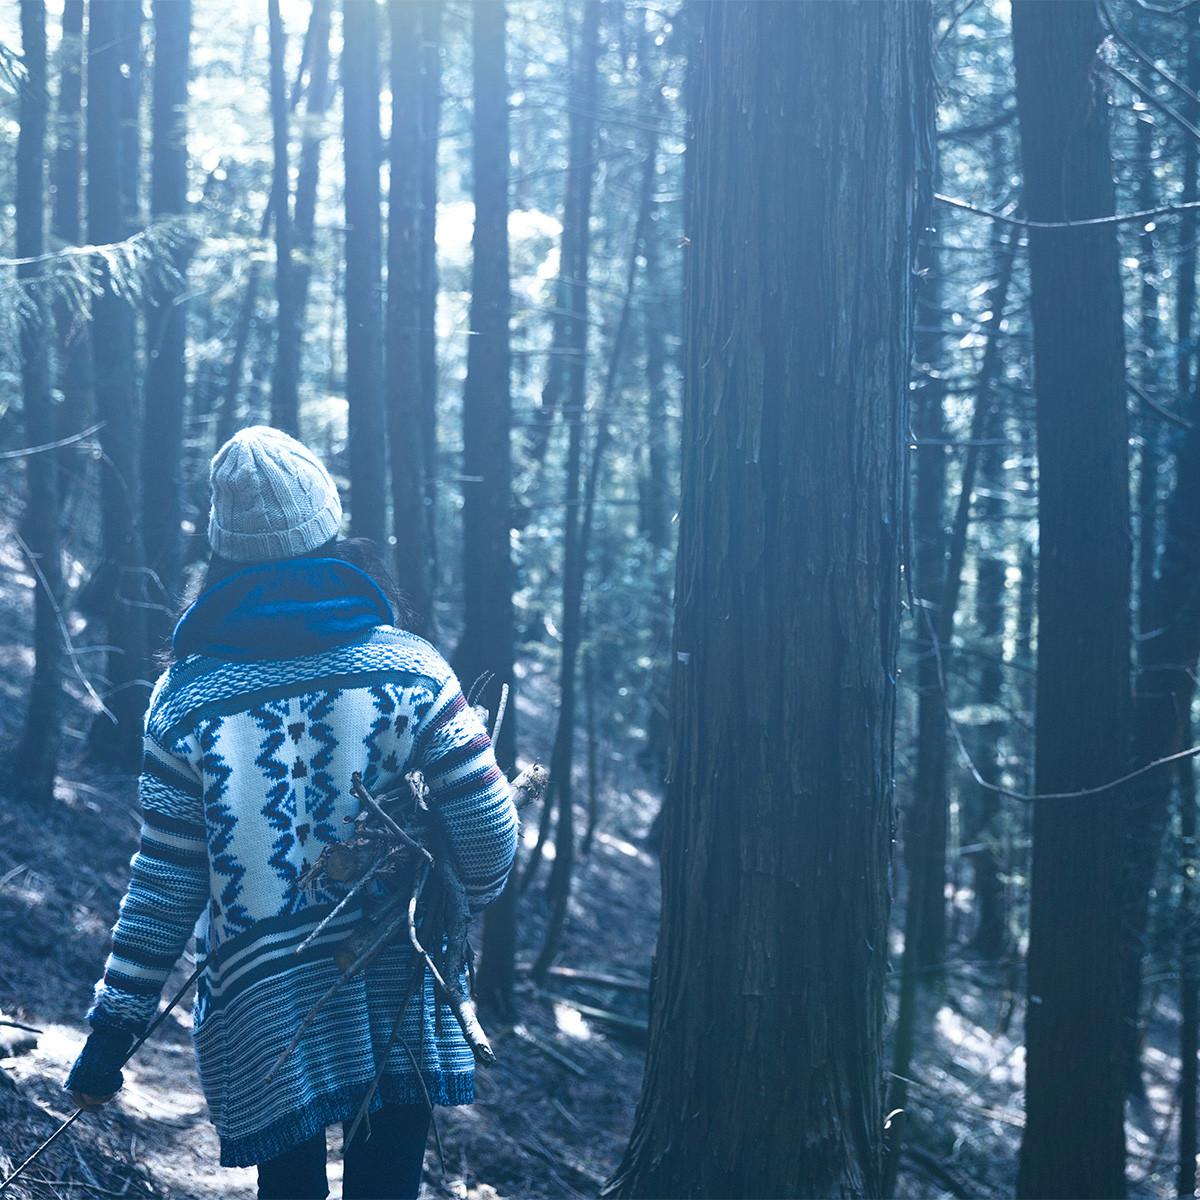 冬のアウトドアを優雅に楽しむ!「星のや富士」で体験する冬のグランピング_2_1